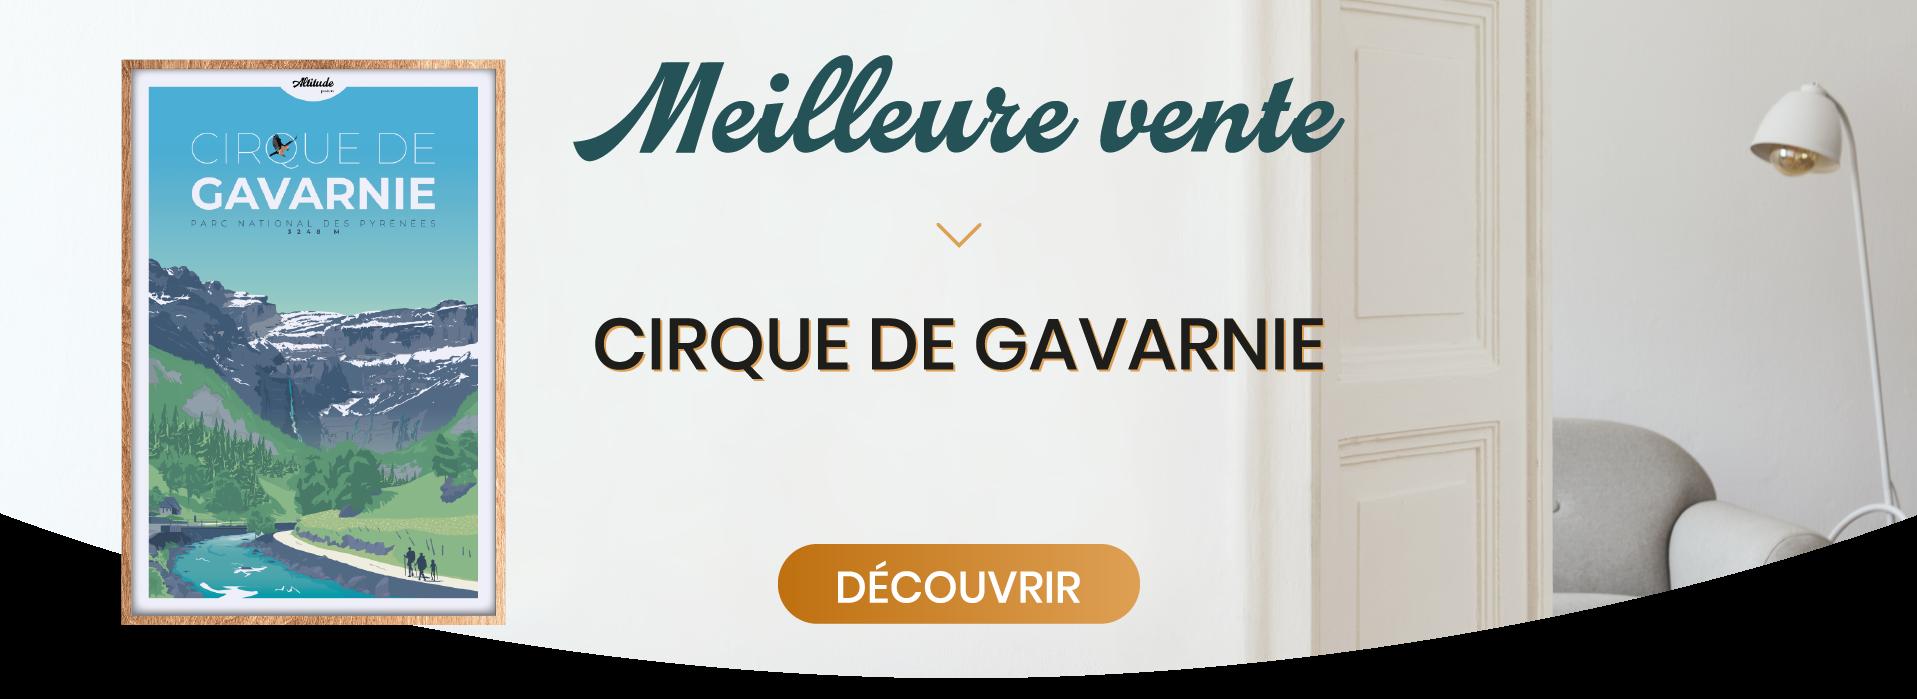 Slider Meilleure Vente Affiche Cirque de Gavarnie